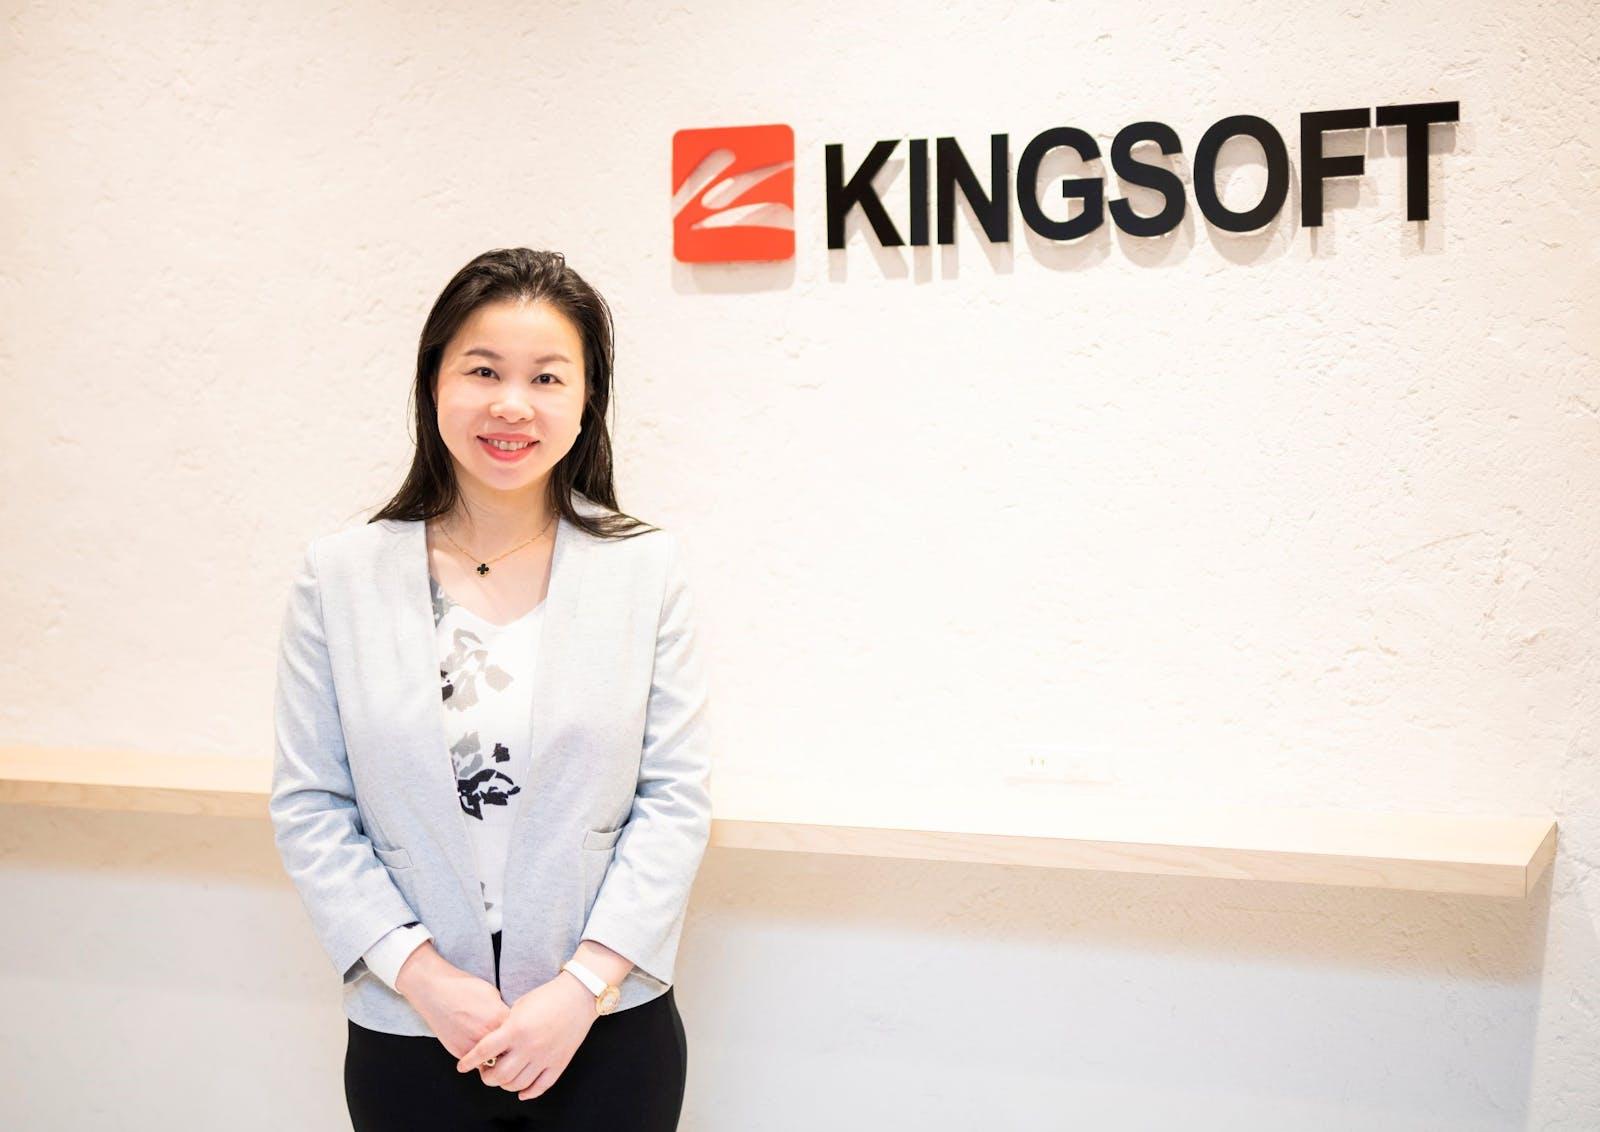 キングソフト株式会社のアイキャッチ画像